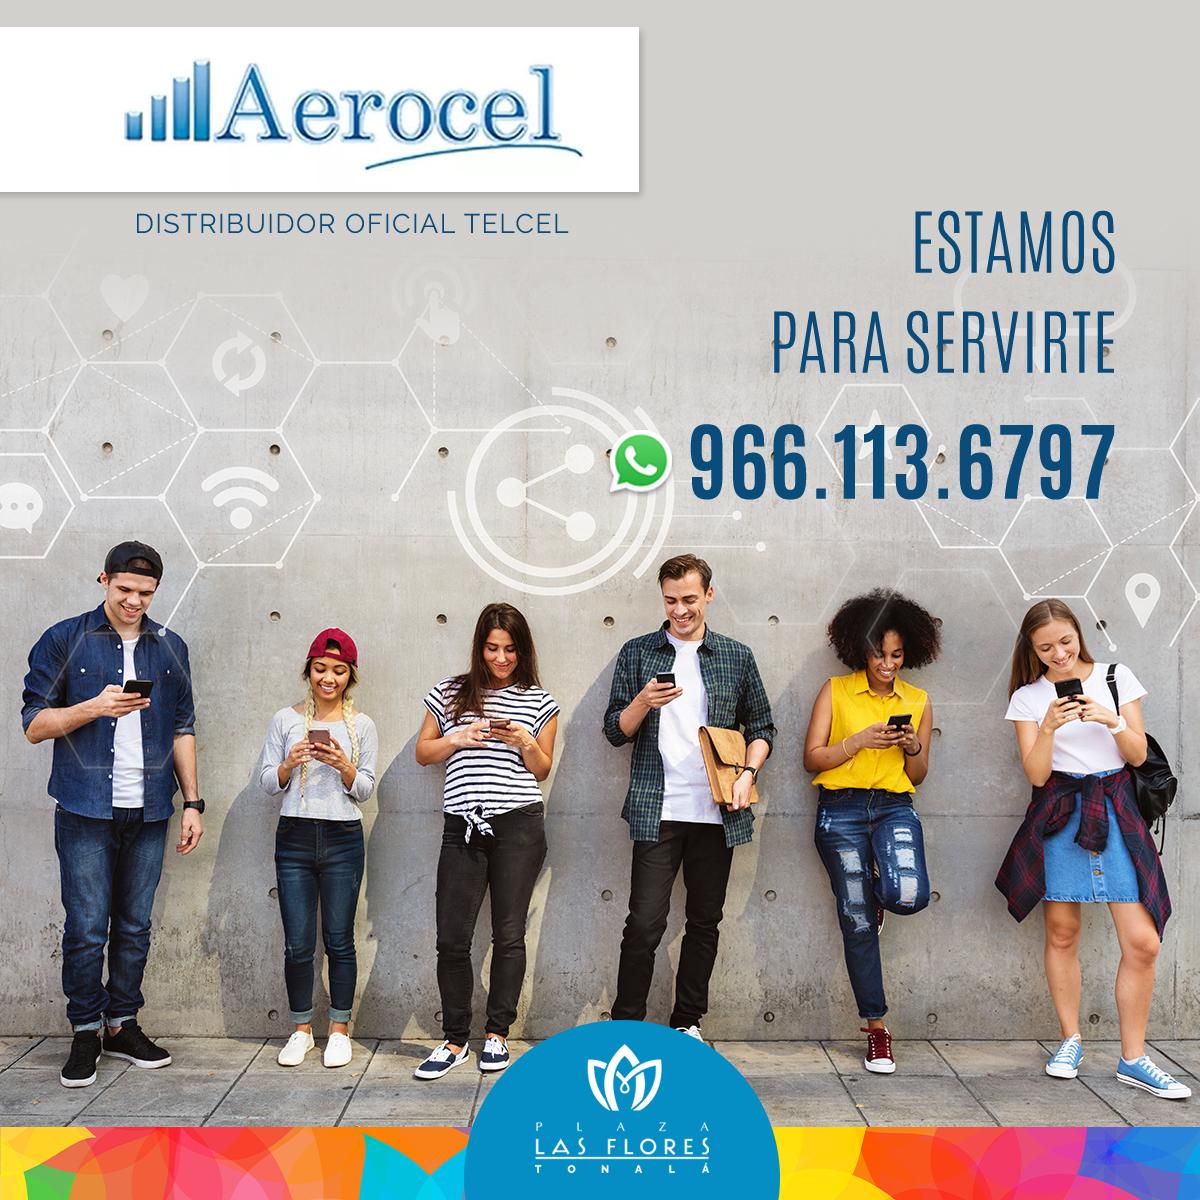 LasFlores-Telefonos-Aerocel copy